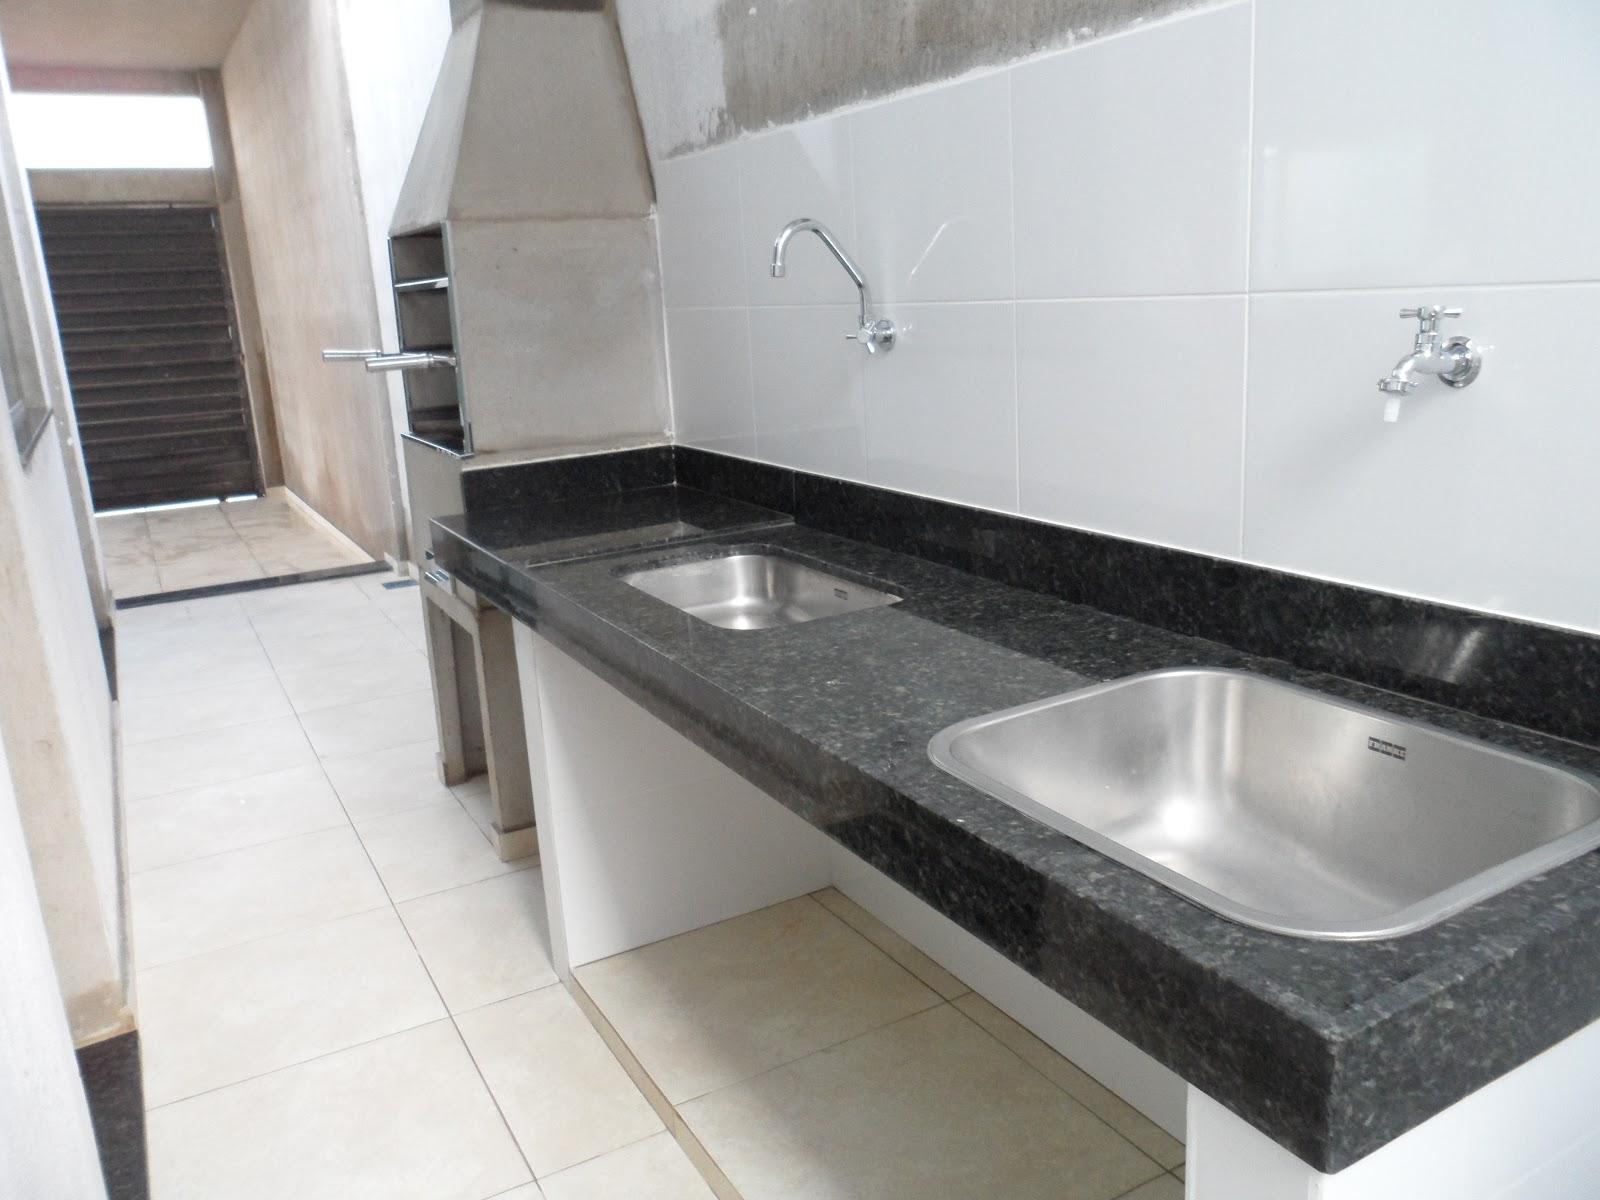 DIÁRIO DE CONSTRUÇÃO DE UMA CASA PEQUENA: REVISÃO DA SEMANA  #676050 1600x1200 Banheiro Com Blindex Preto